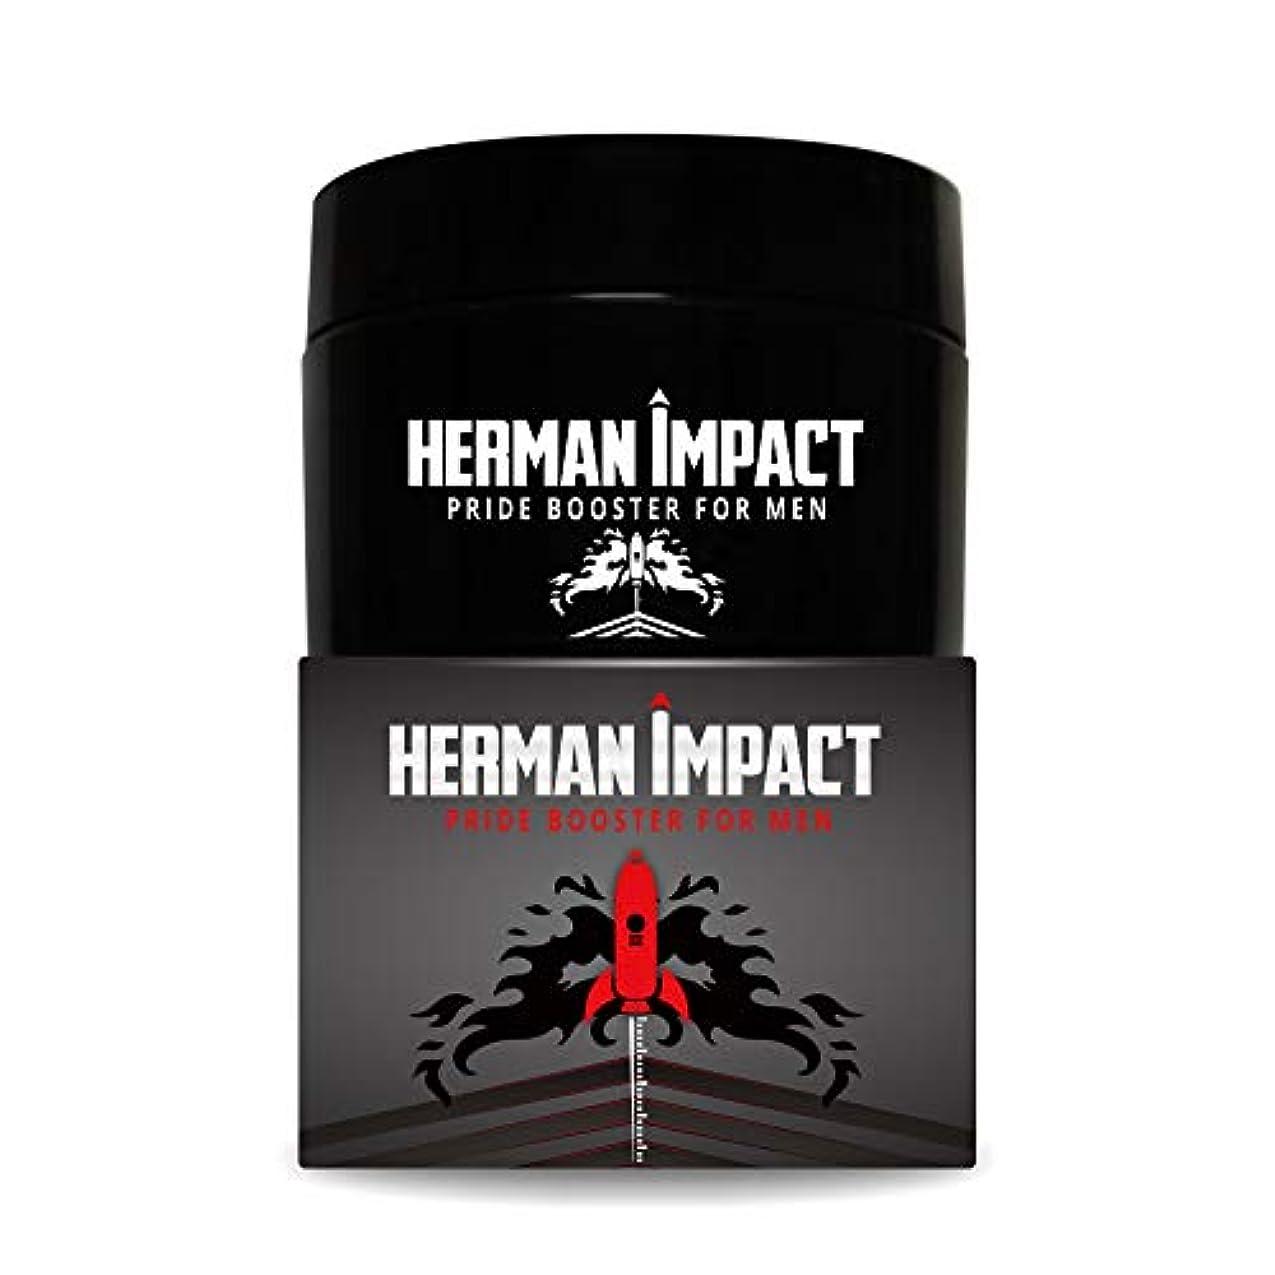 置くためにパック処理宿命HARMAN IMPACT ハーマンインパクト